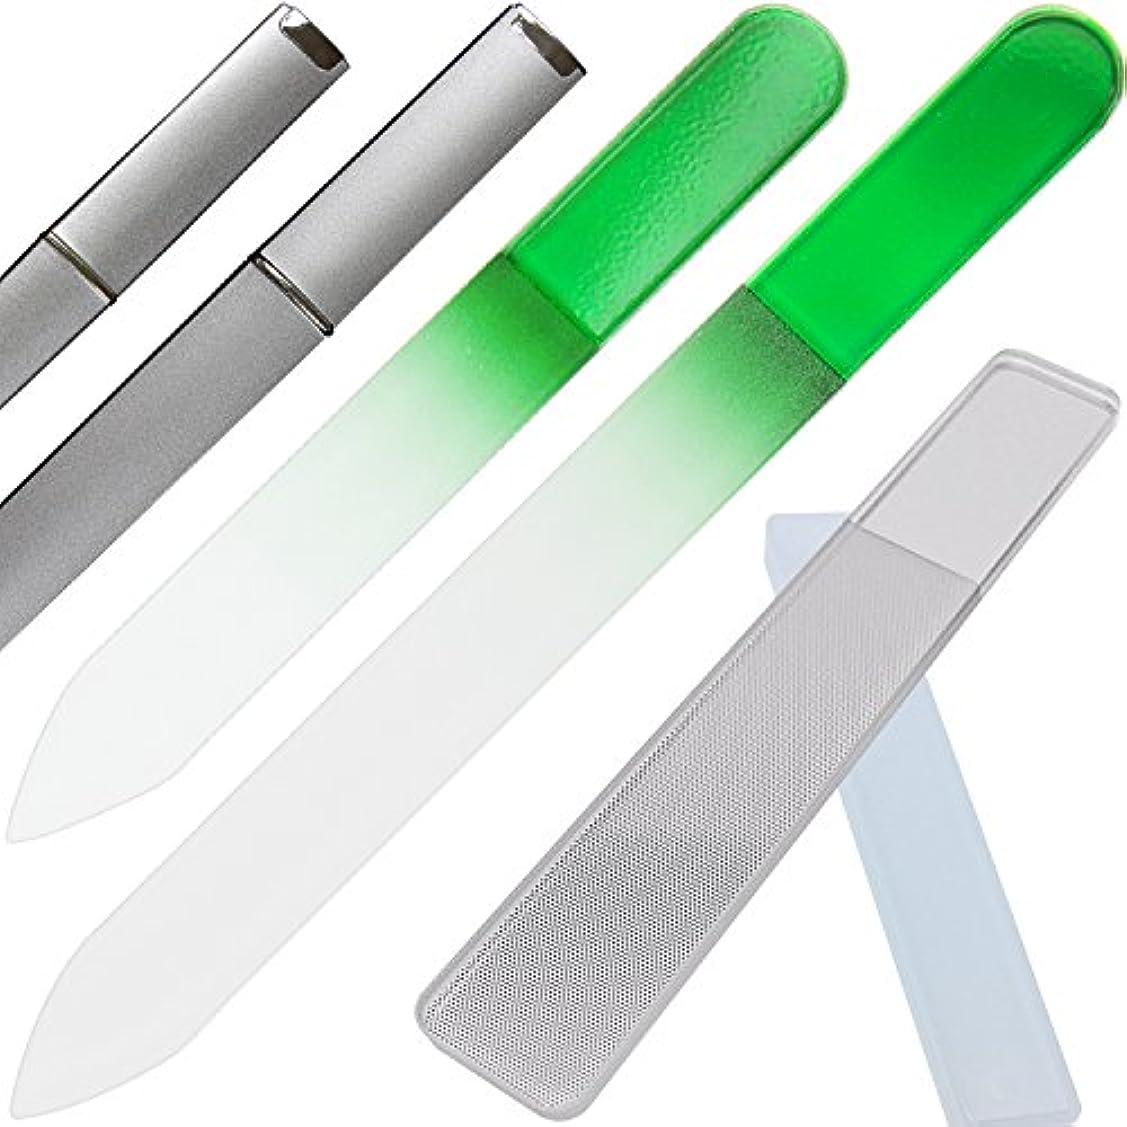 ラウンジ仕事に行く天井Clarente 爪やすり 爪磨き ガラス製 専用 ケース付 4点セット ネイル ケア